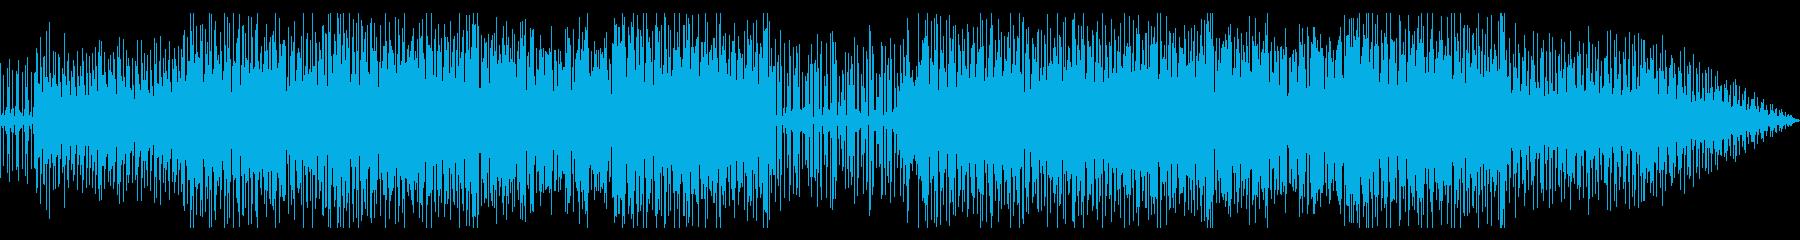 朗らかな気分になるインスト曲の再生済みの波形